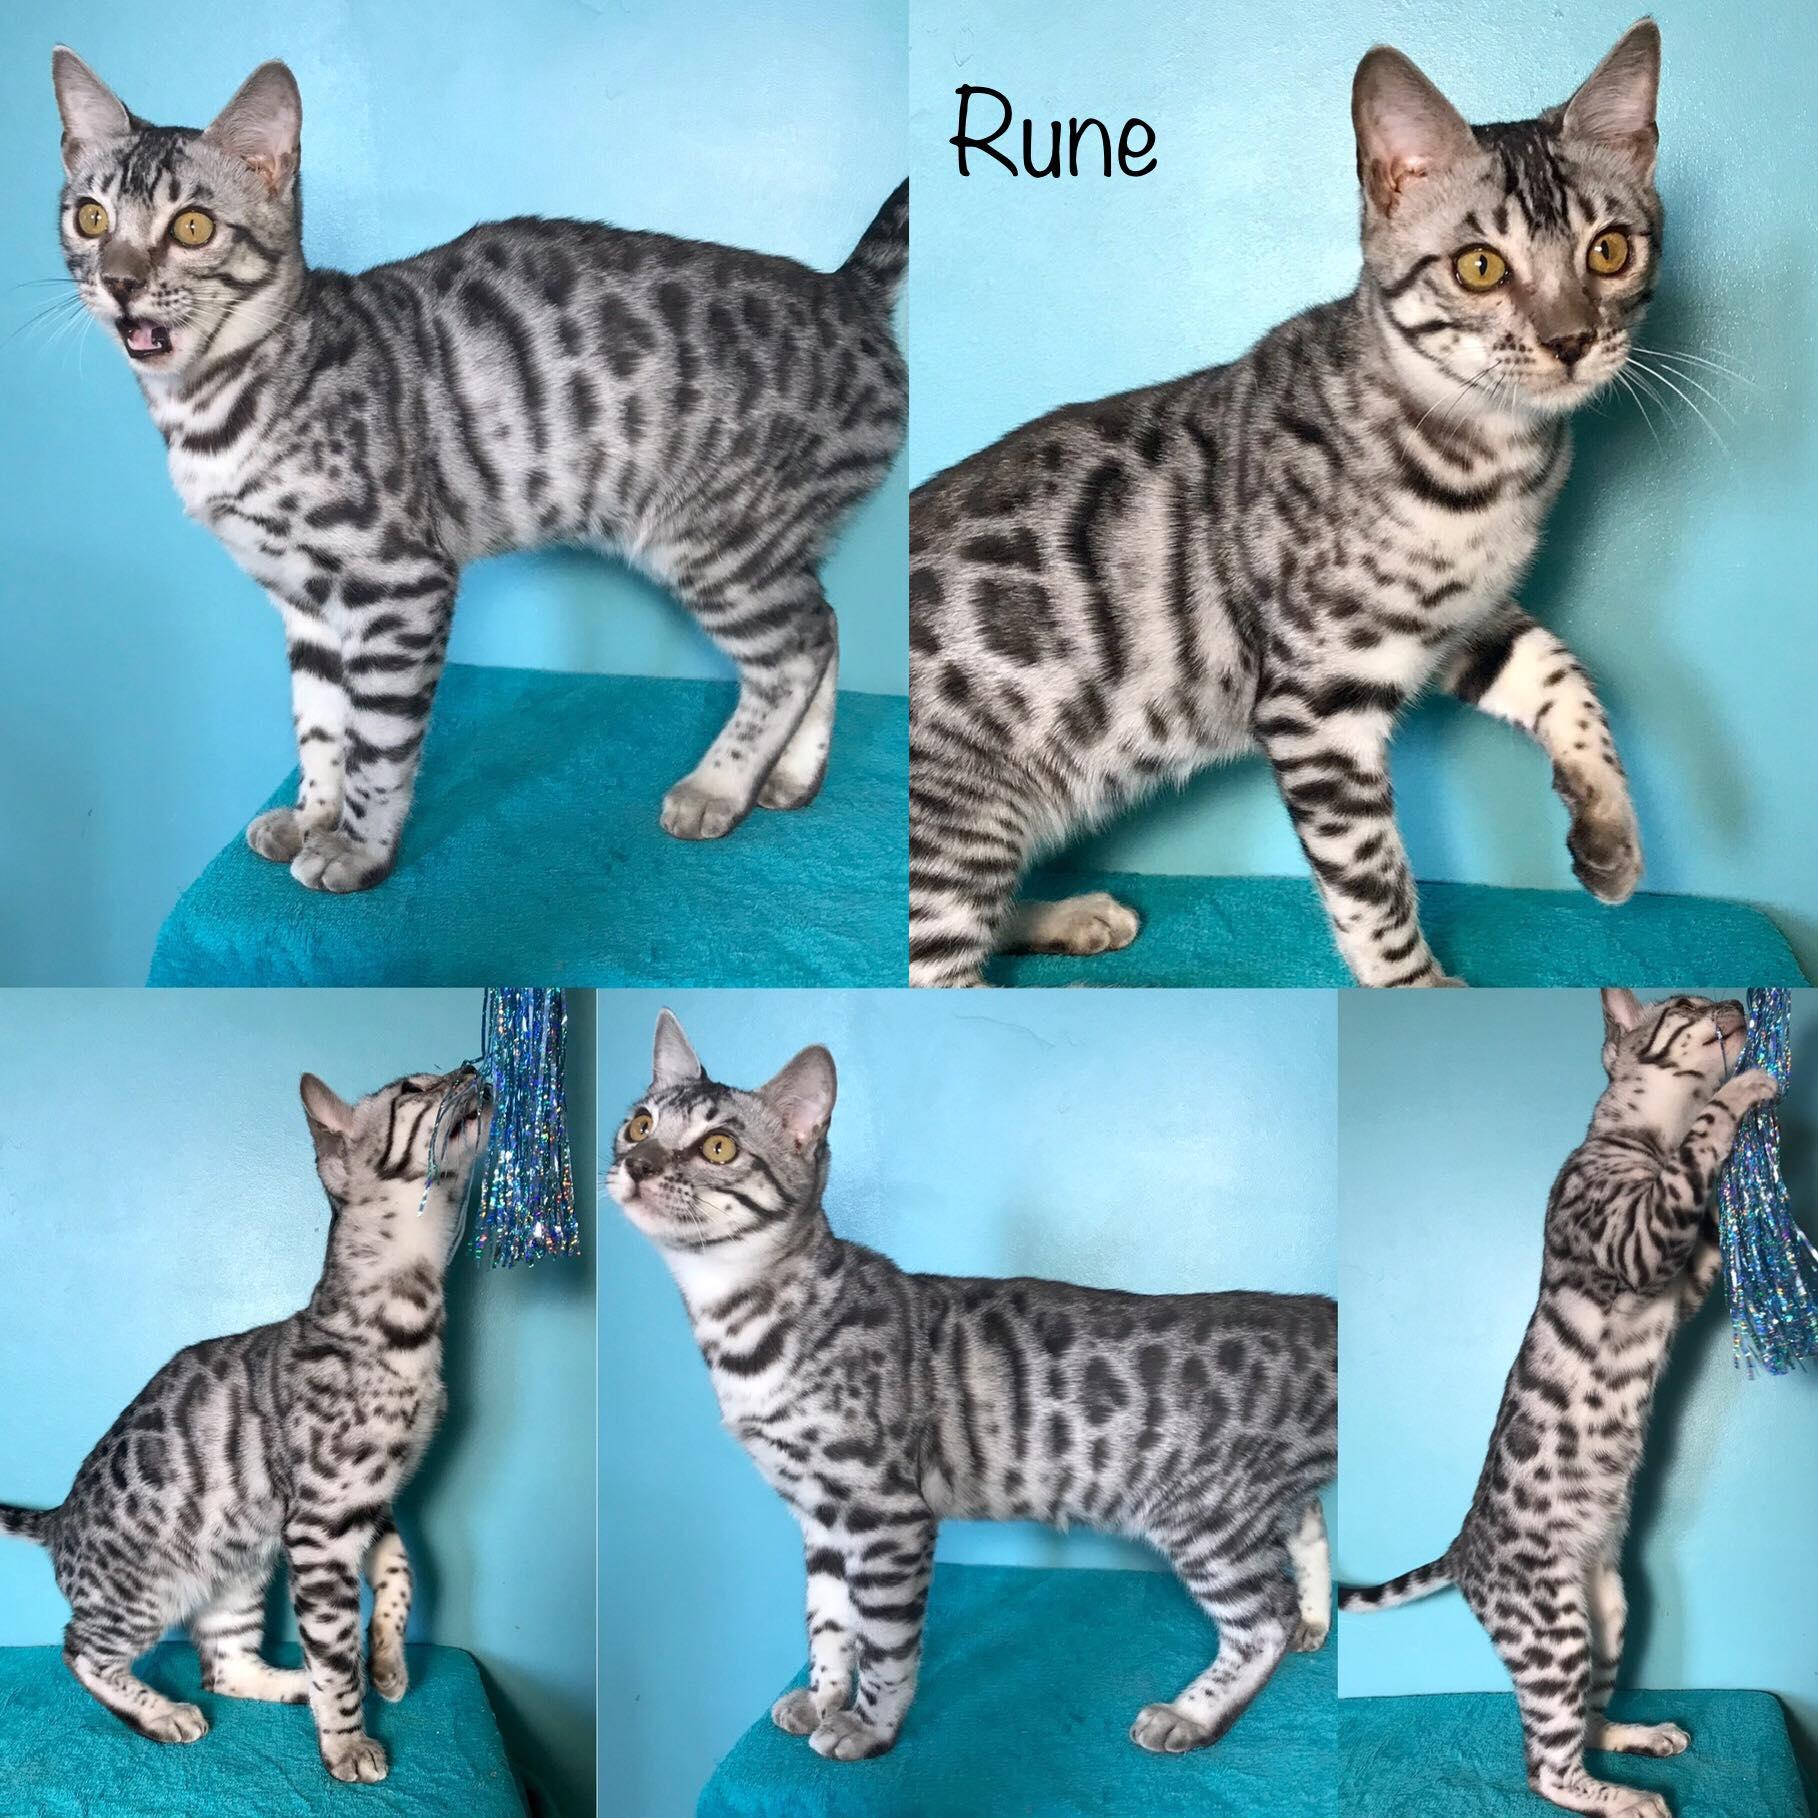 Rune 21 weeks